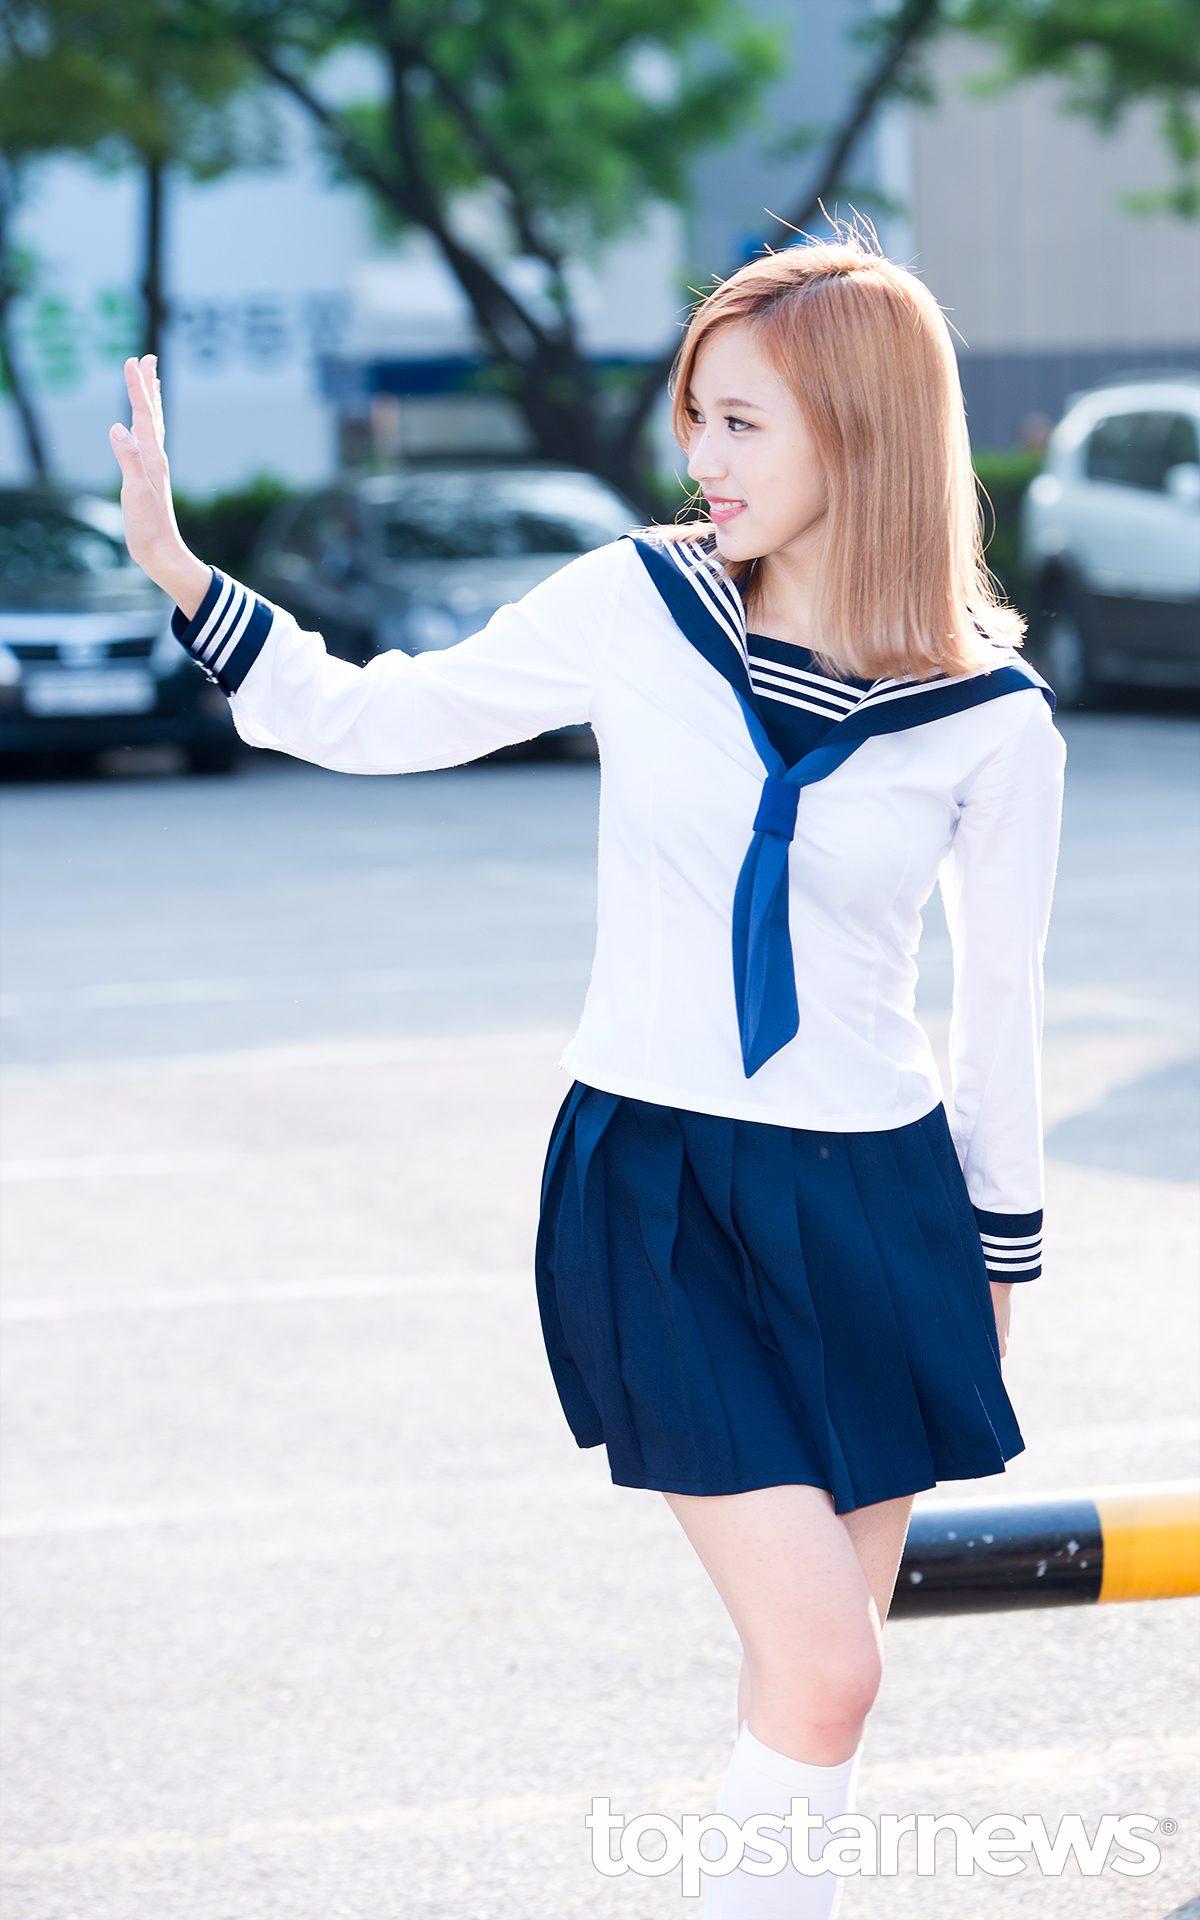 穿著海軍風水手服的Mina~~真的像似從日本漫畫里走出來的。